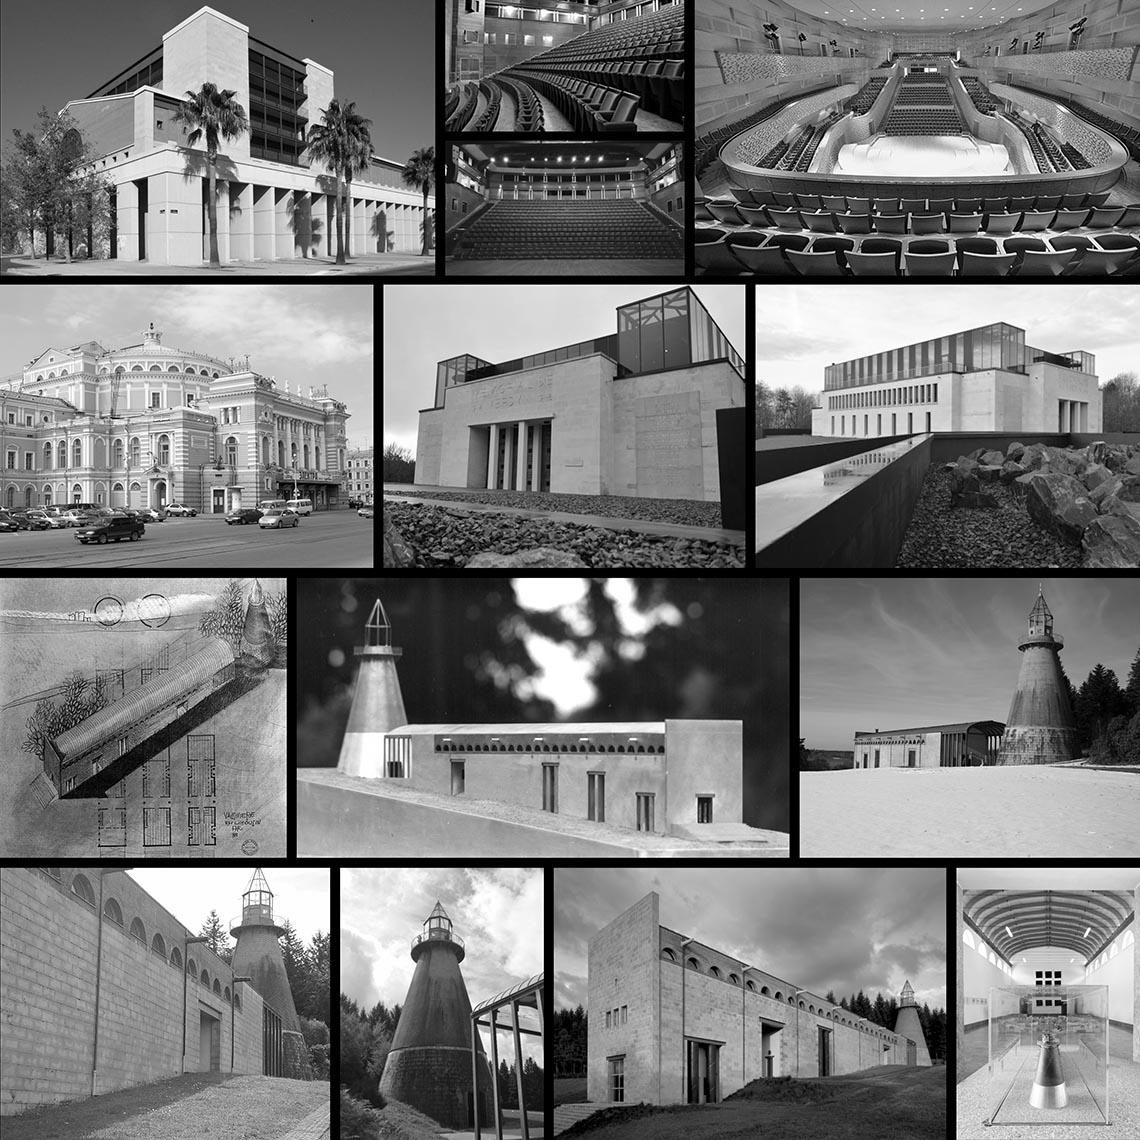 Associazione Culturale Di Architettura - Xavier Fabre - Compendio